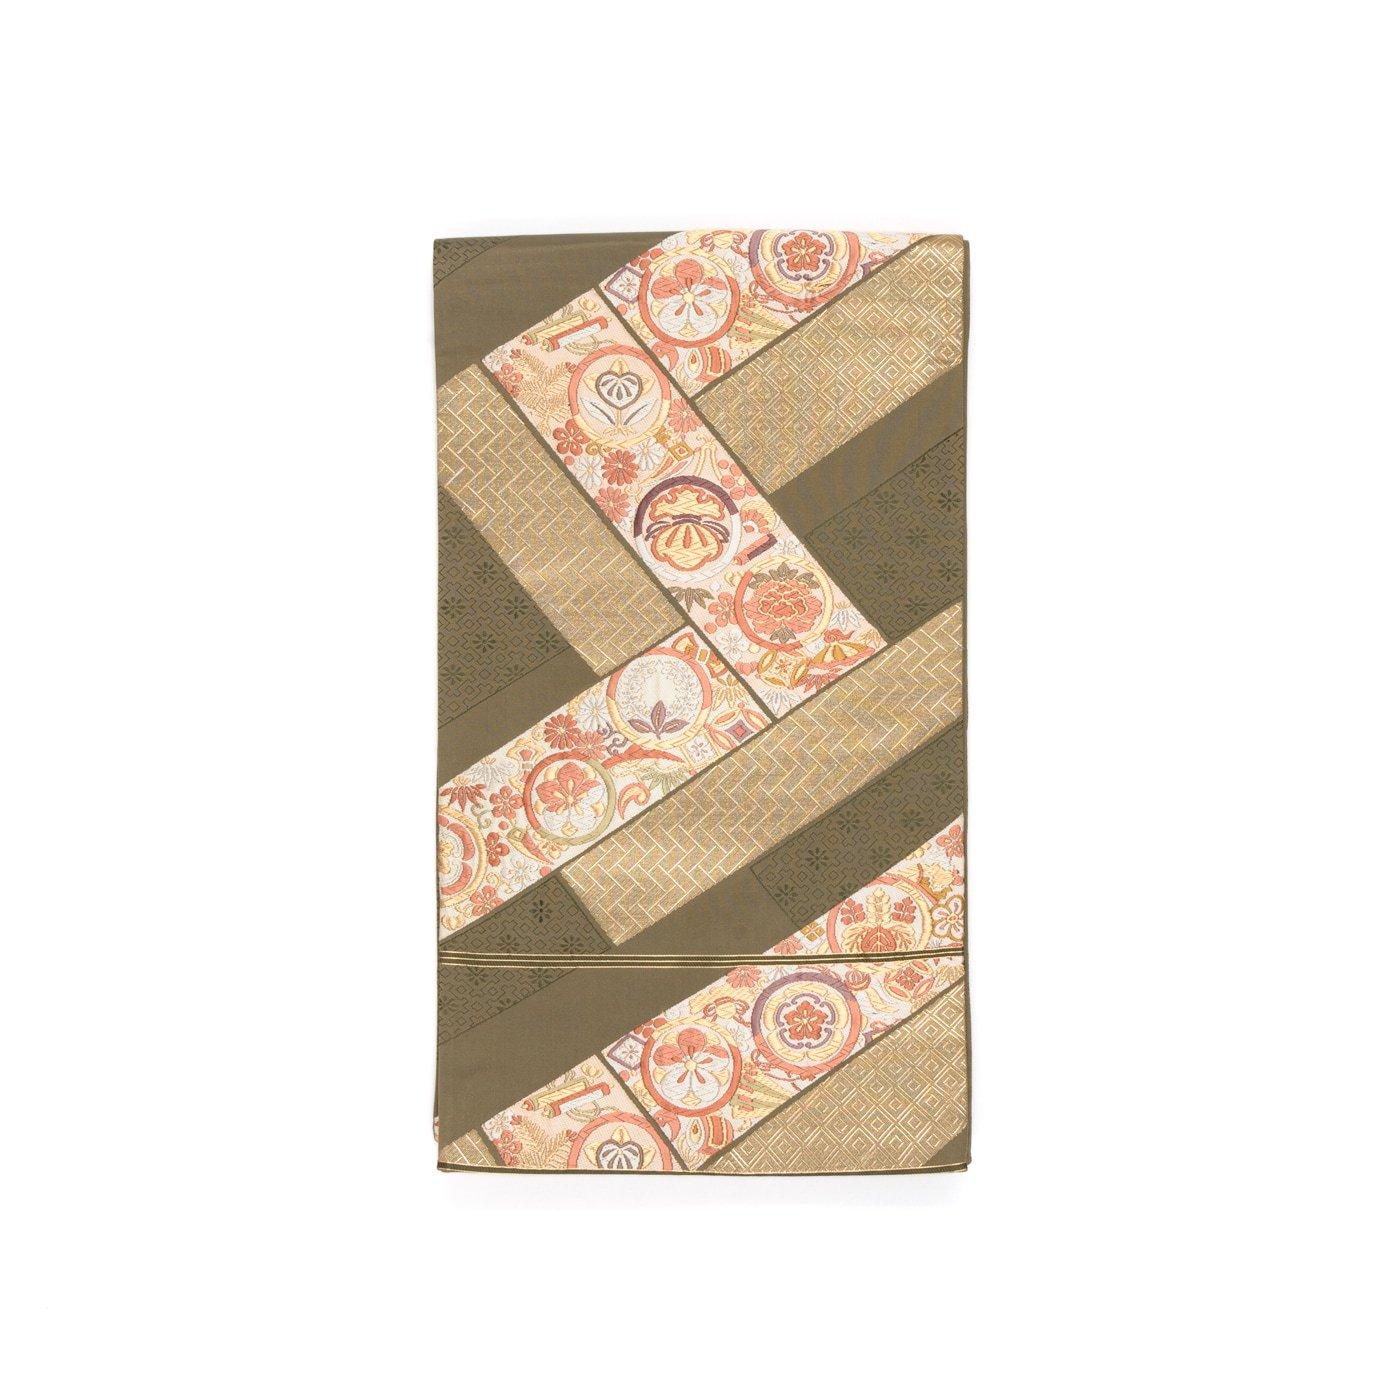 「袋帯●桧垣に丸紋」の商品画像